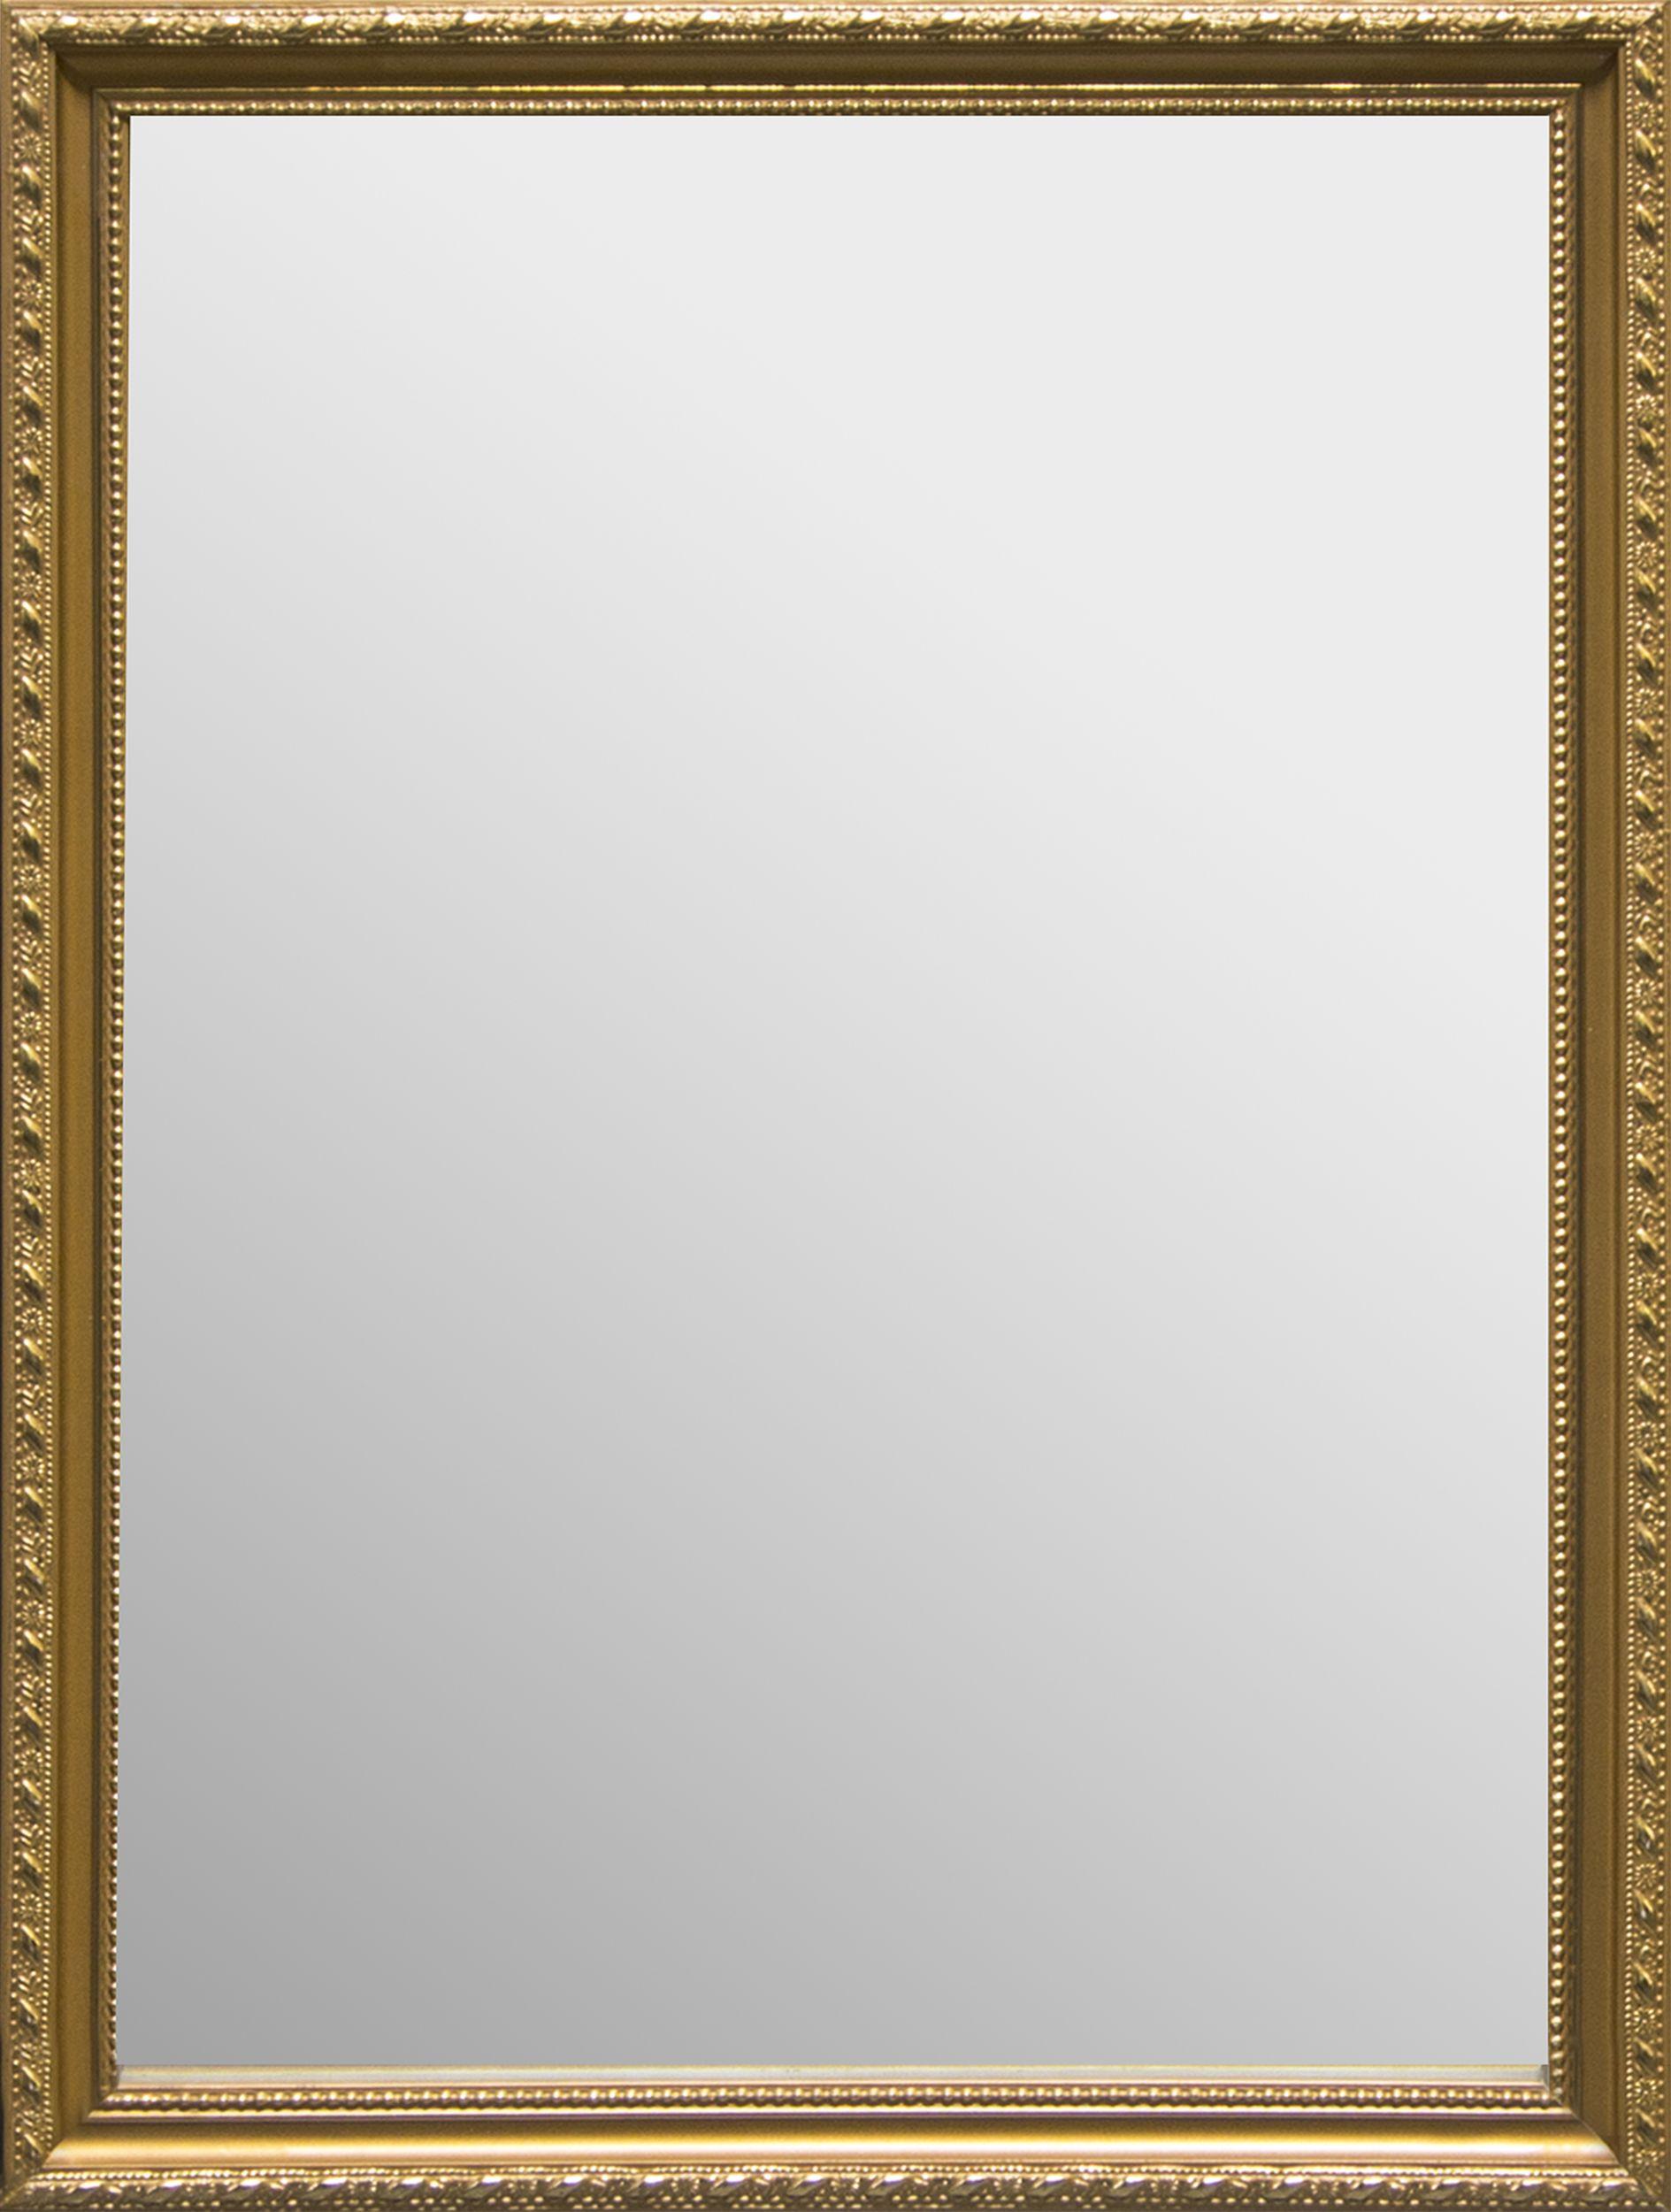 Rahmenspiegel 35x45cm LISA